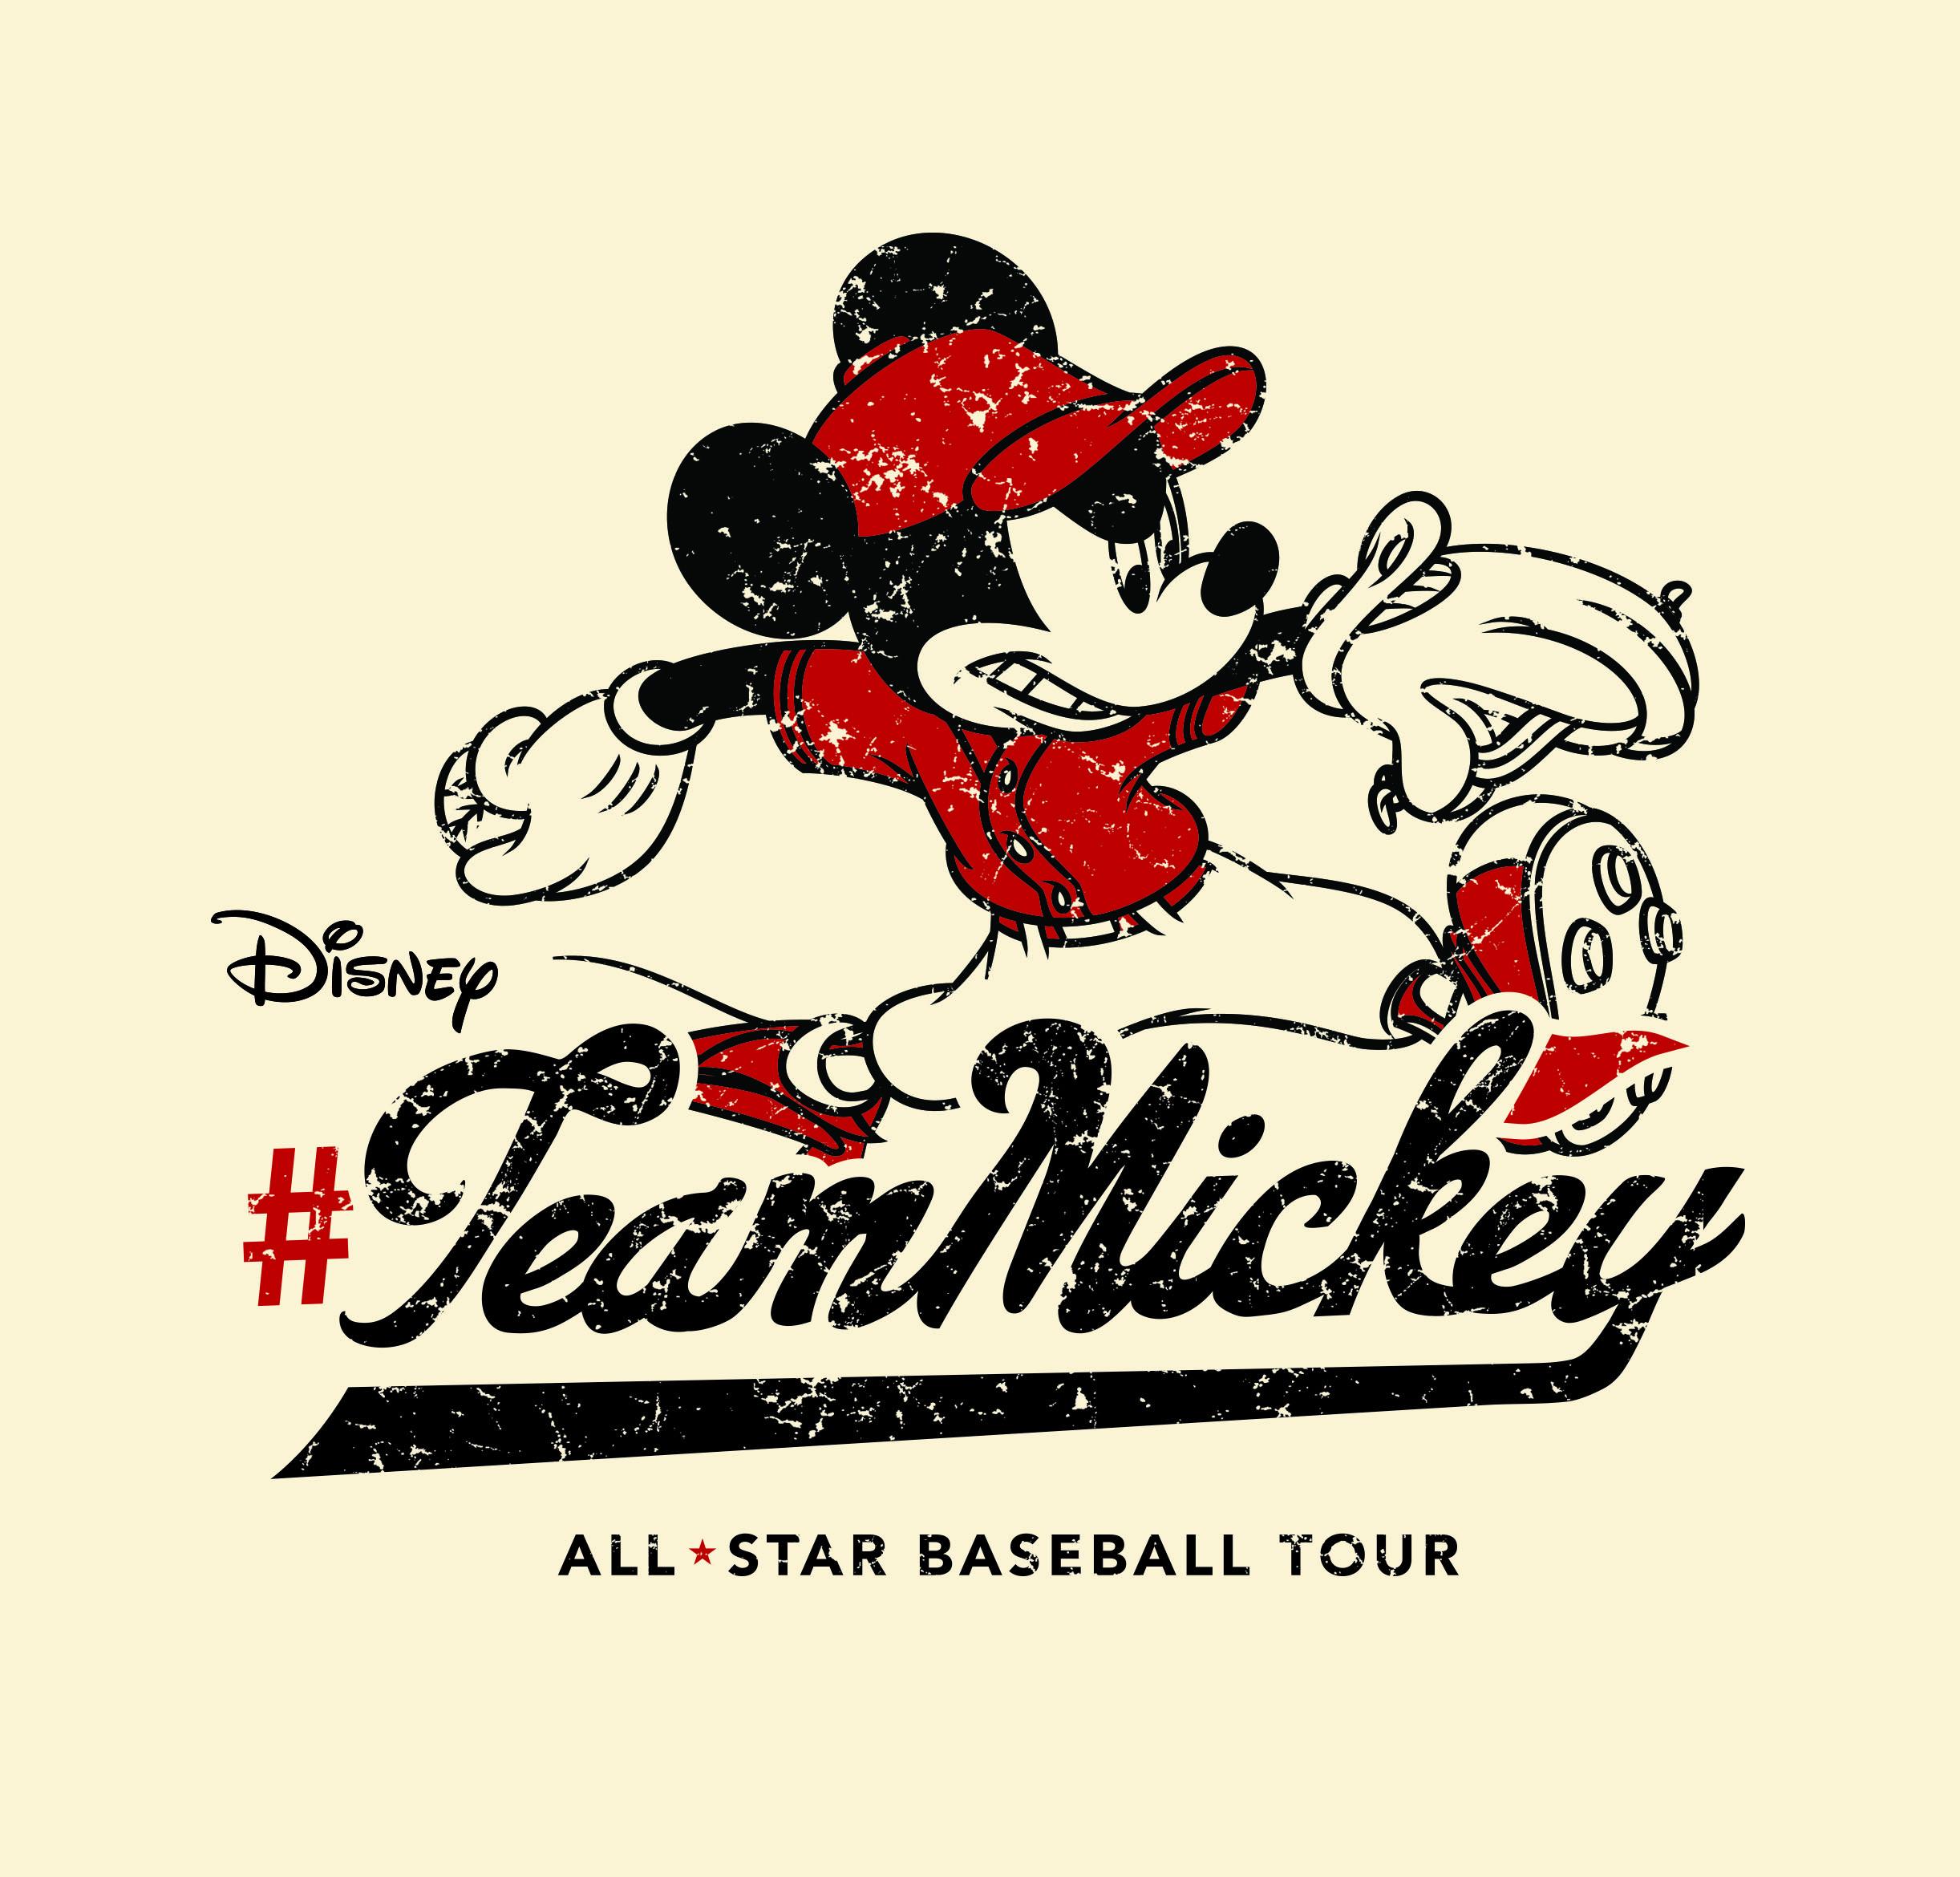 TeamMickeyAllStar_FINAL_dt2